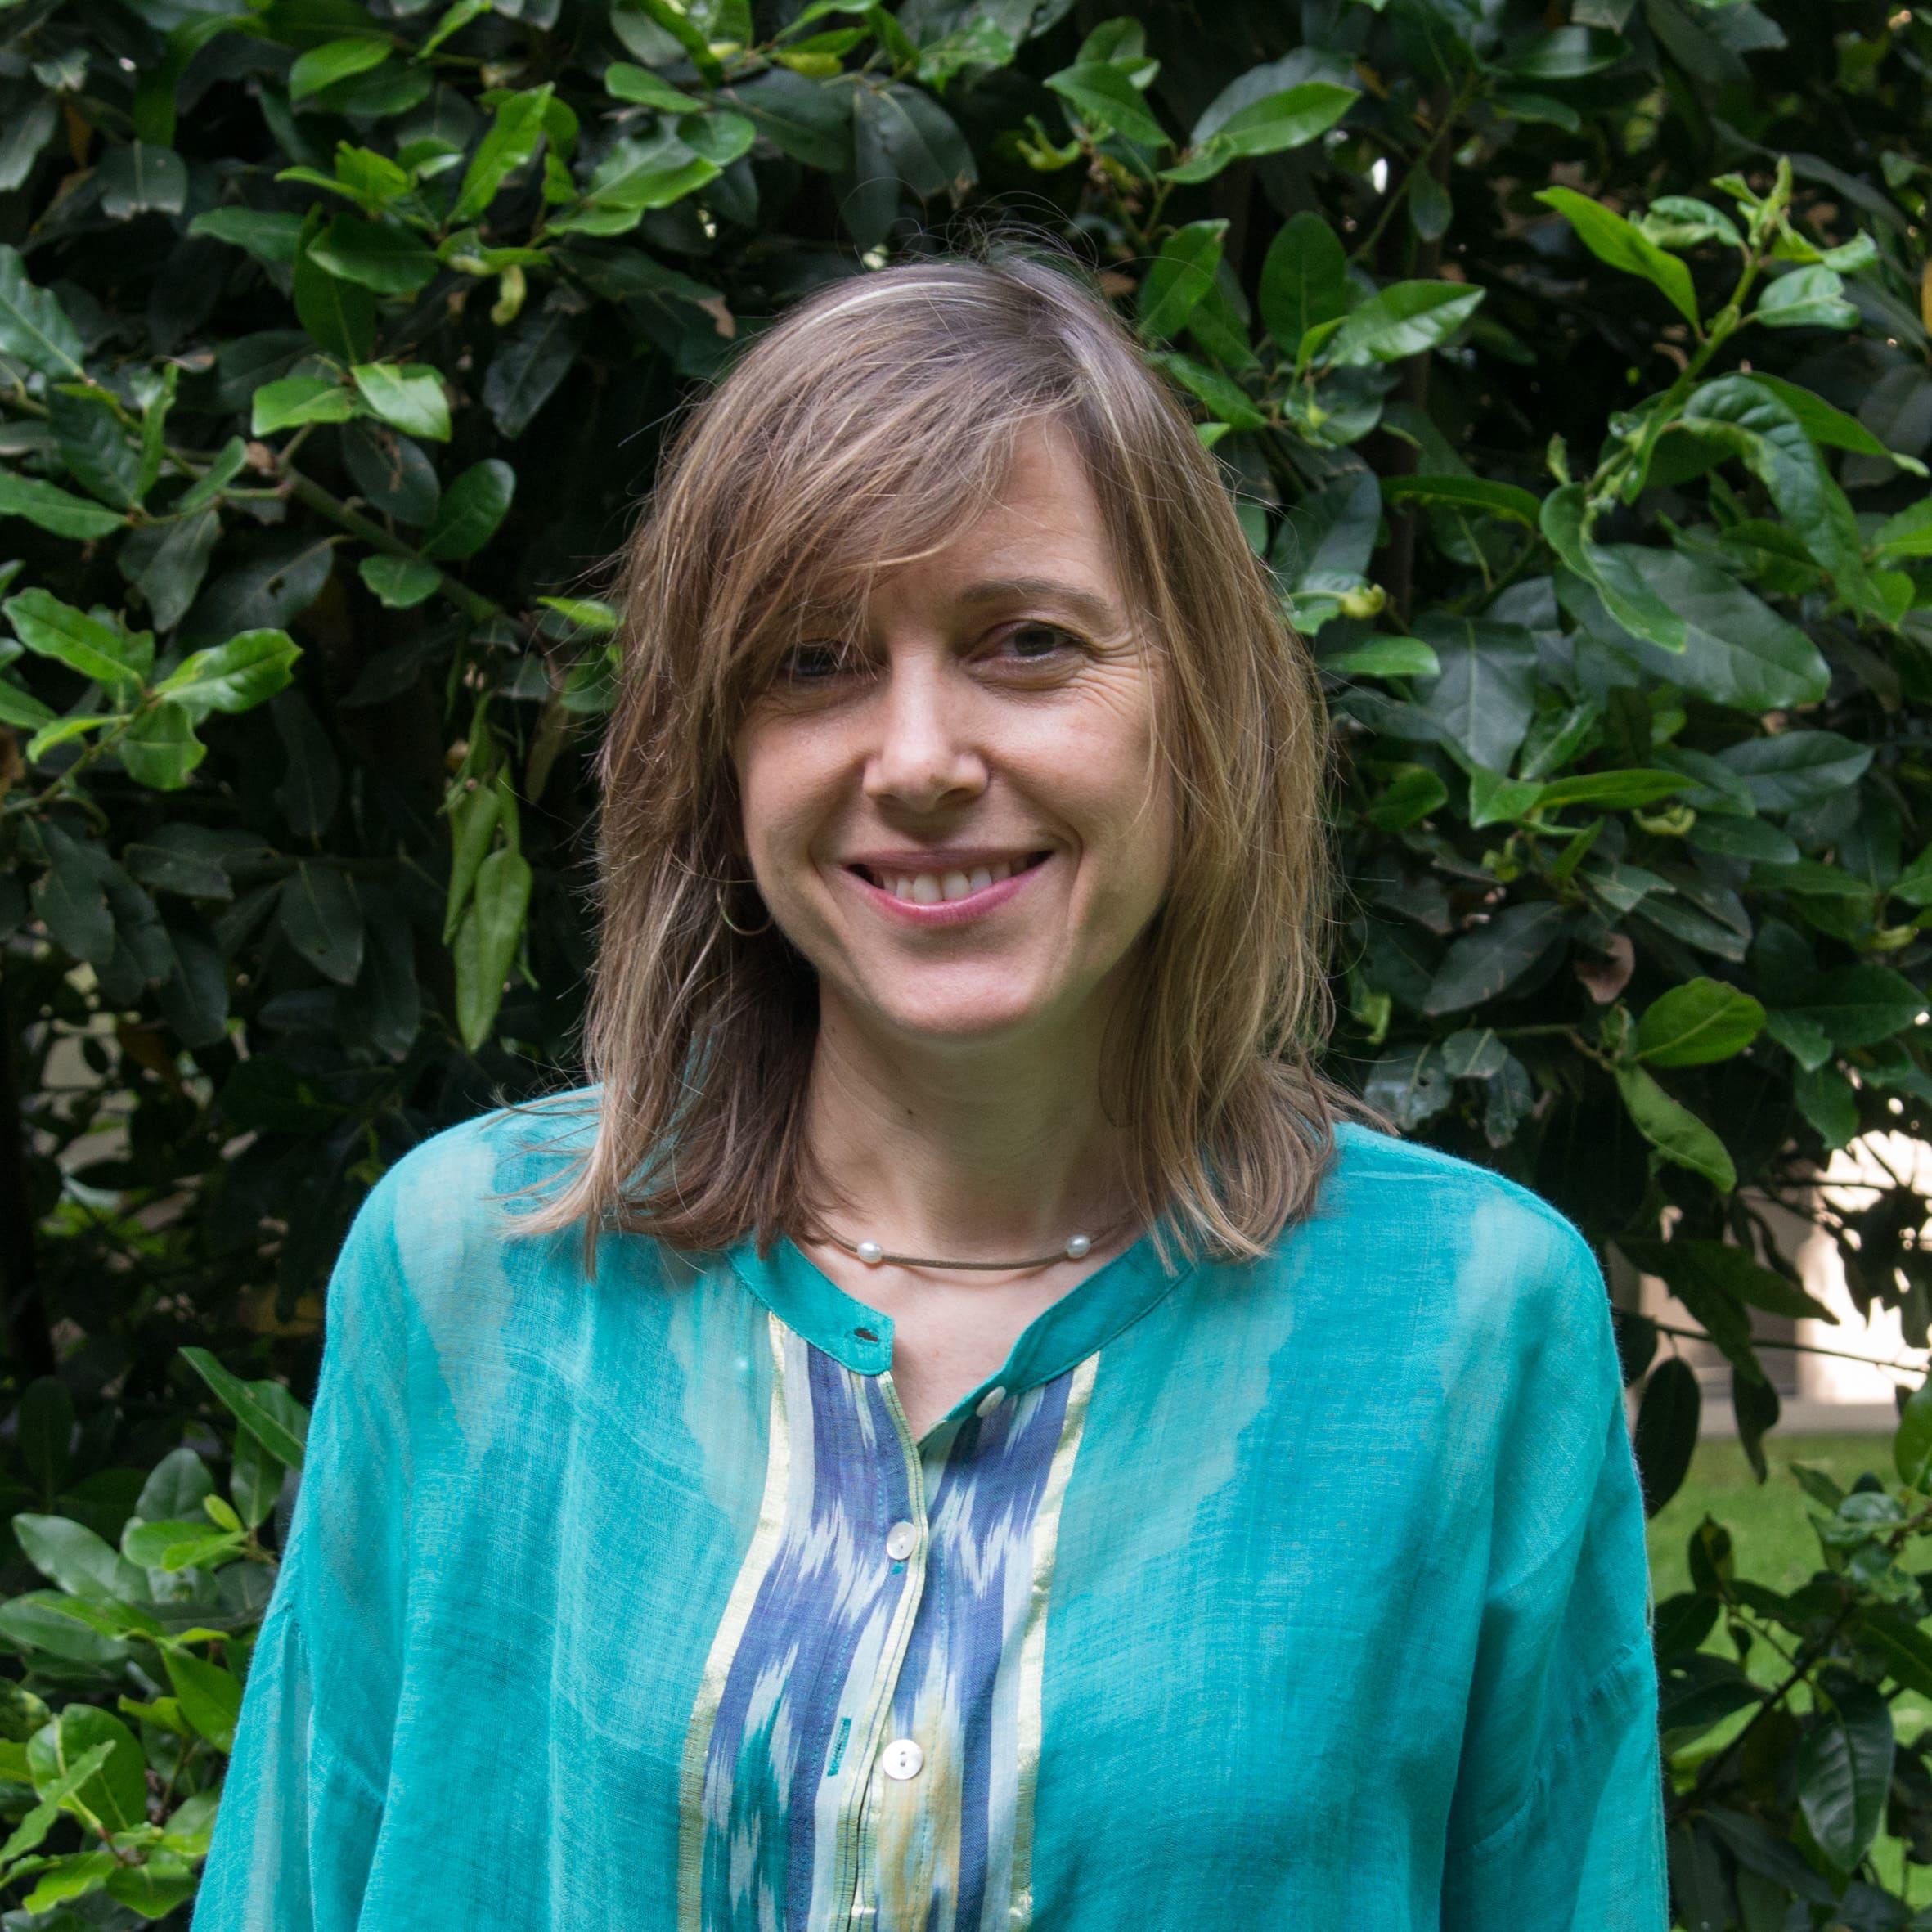 La doctora Núria Camps Mirabet és coordinadora de compromís social, igualtat i cooperació i professora de la UdL